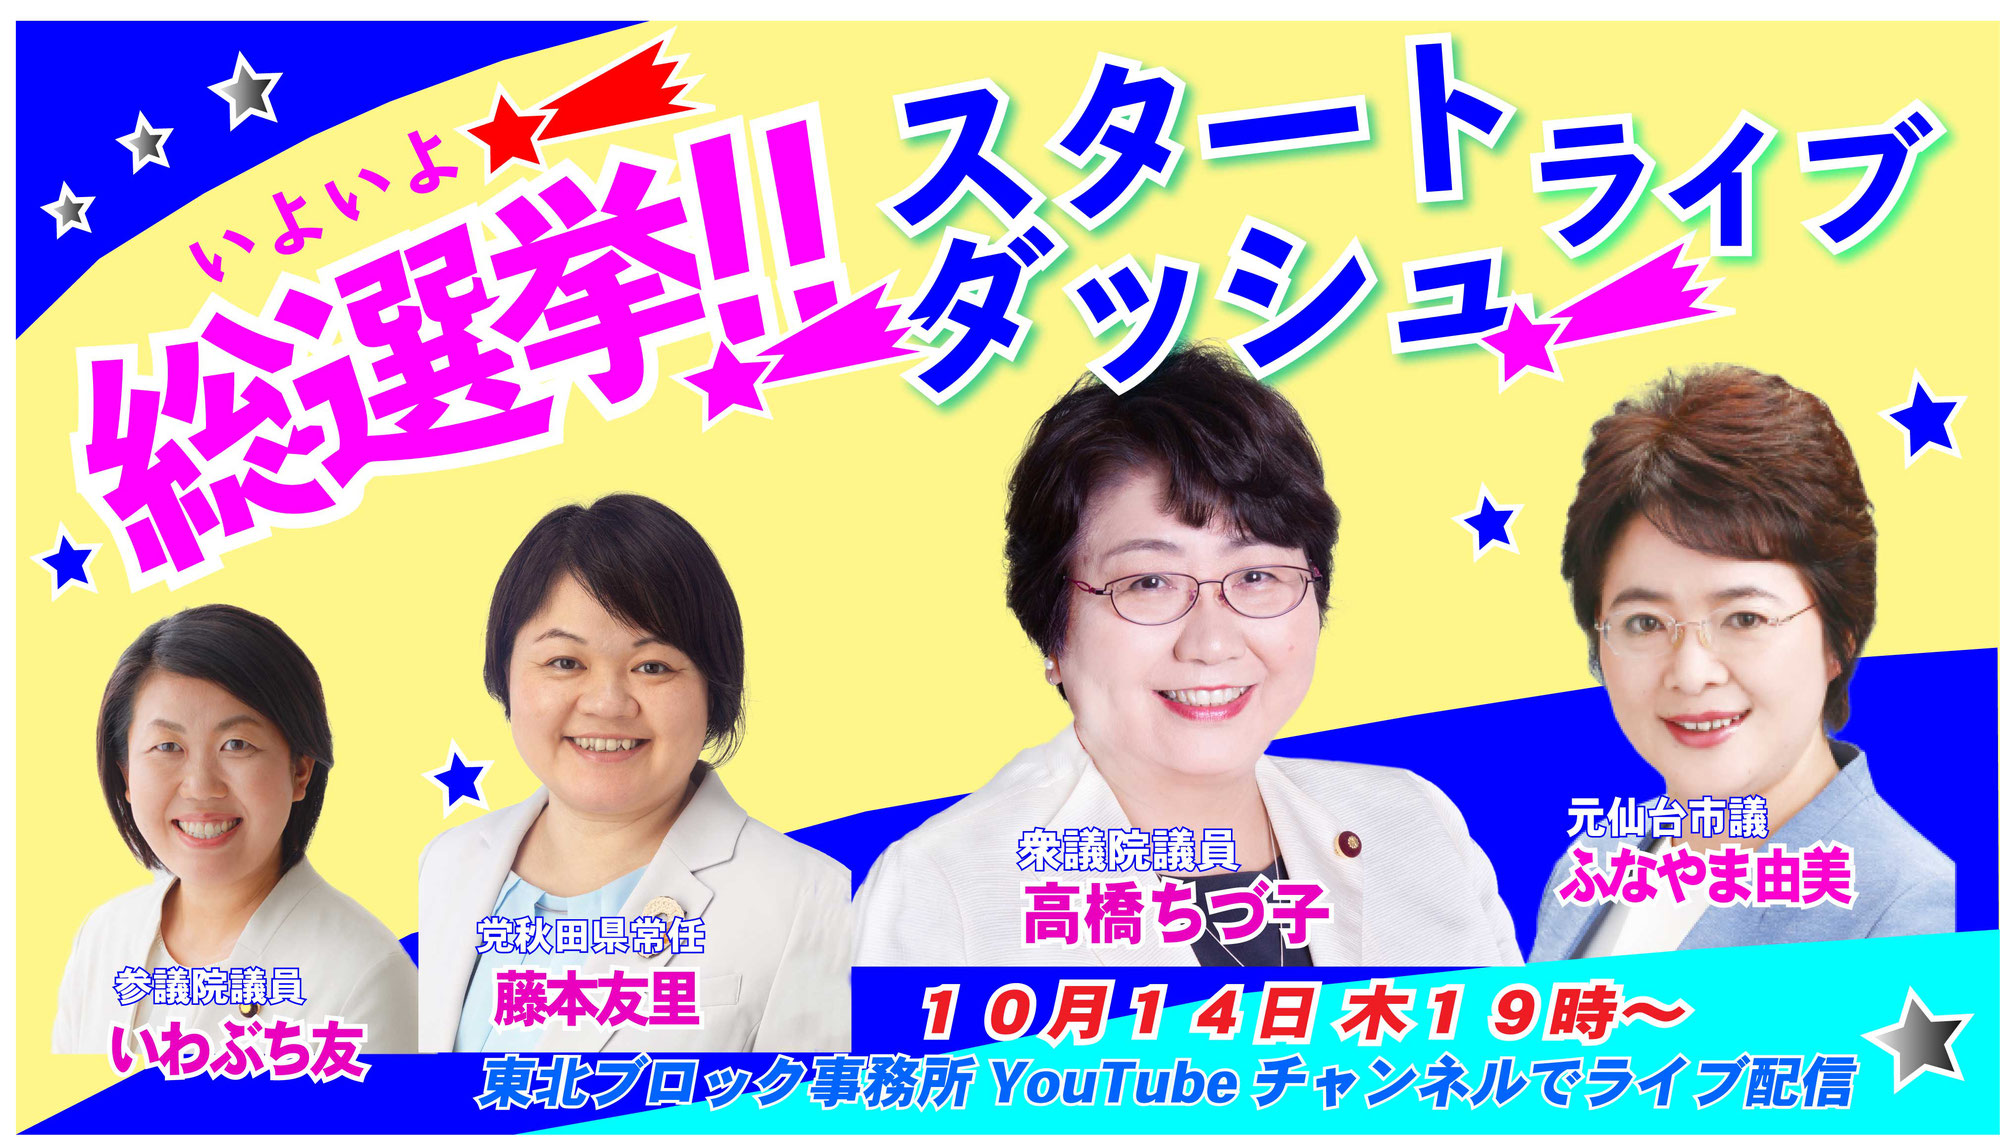 総選挙スタートダッシュ集会(You Tube配信)のご案内